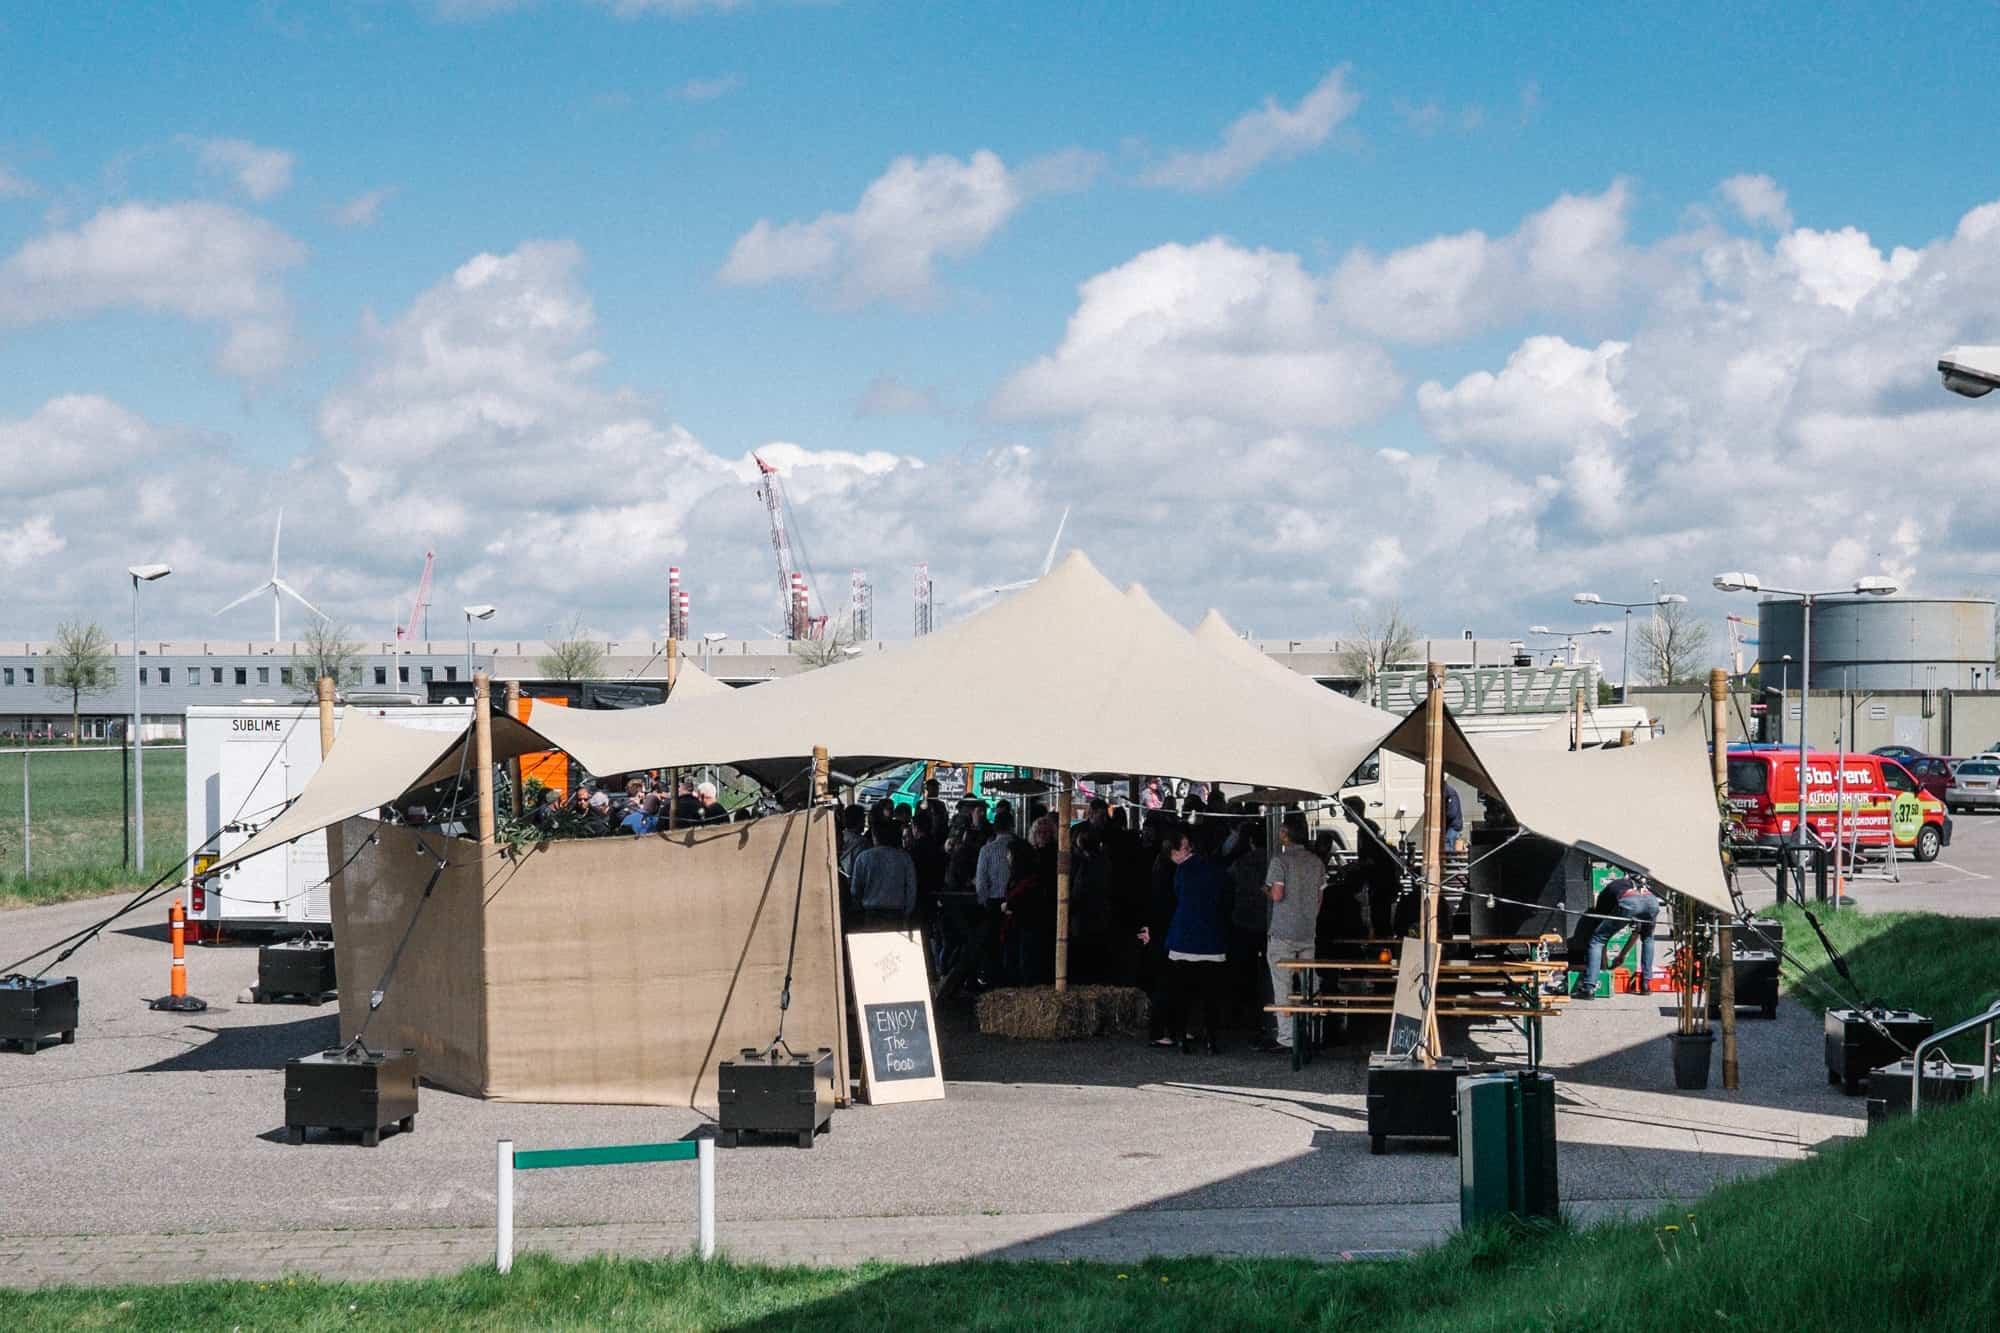 stretchtent personeelsfeest starbucks tent4rent